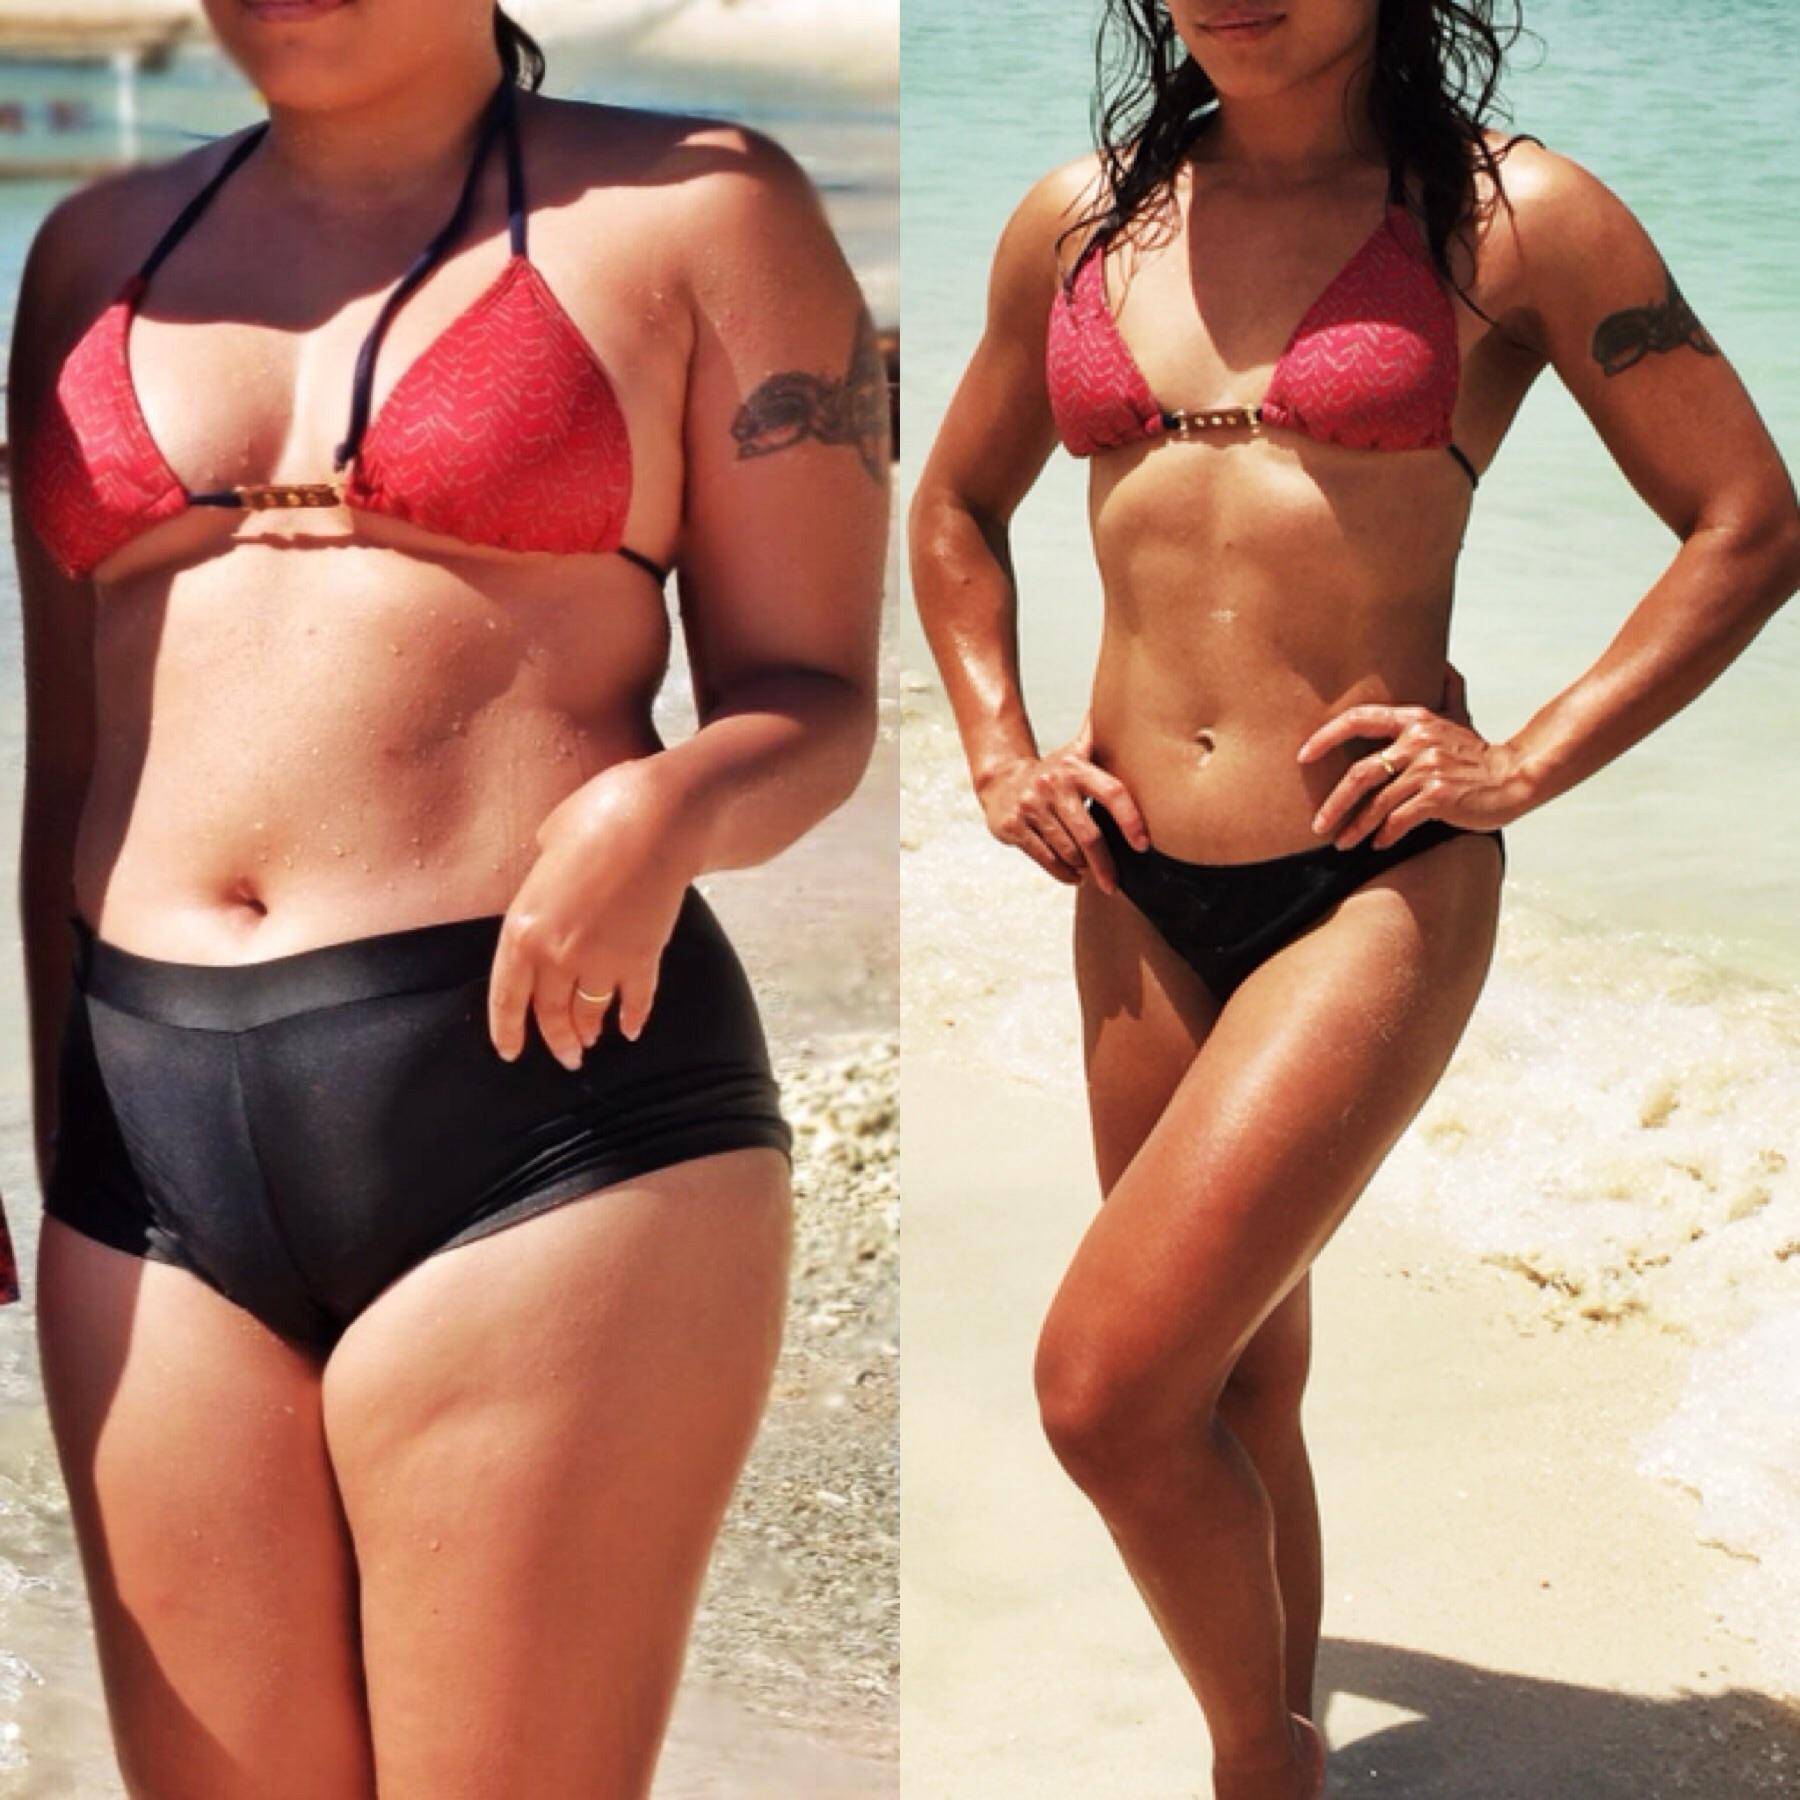 Примеры Похудения Девушек Фото. «До и После» похудения: 30 впечатляющих фото